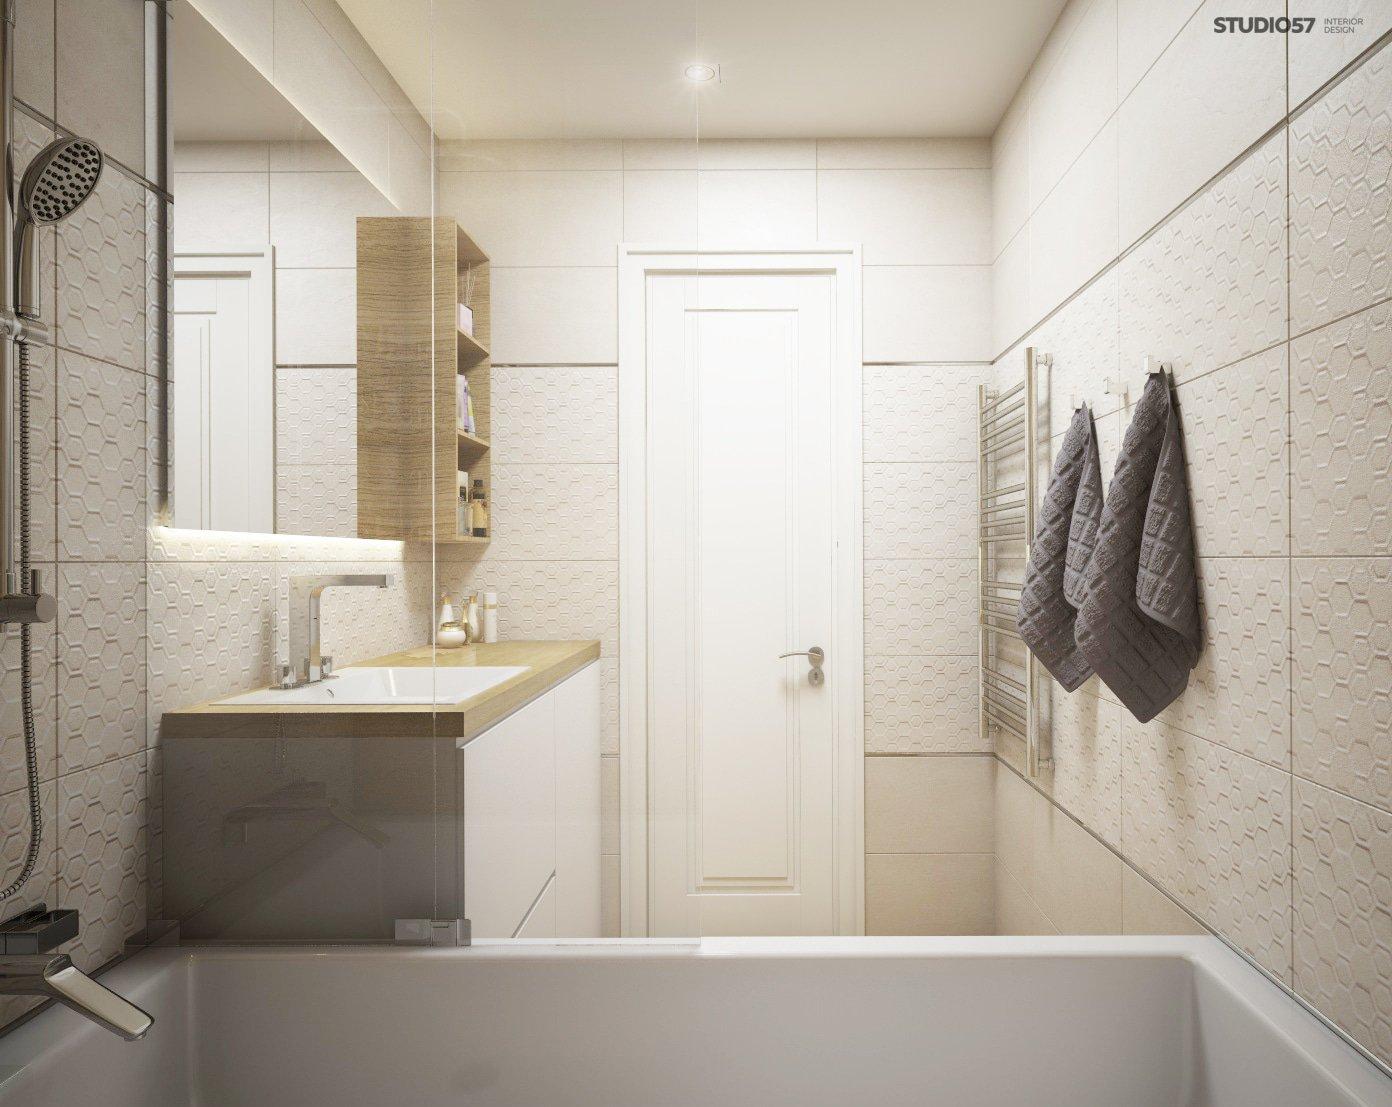 Bathroom in gray color photo